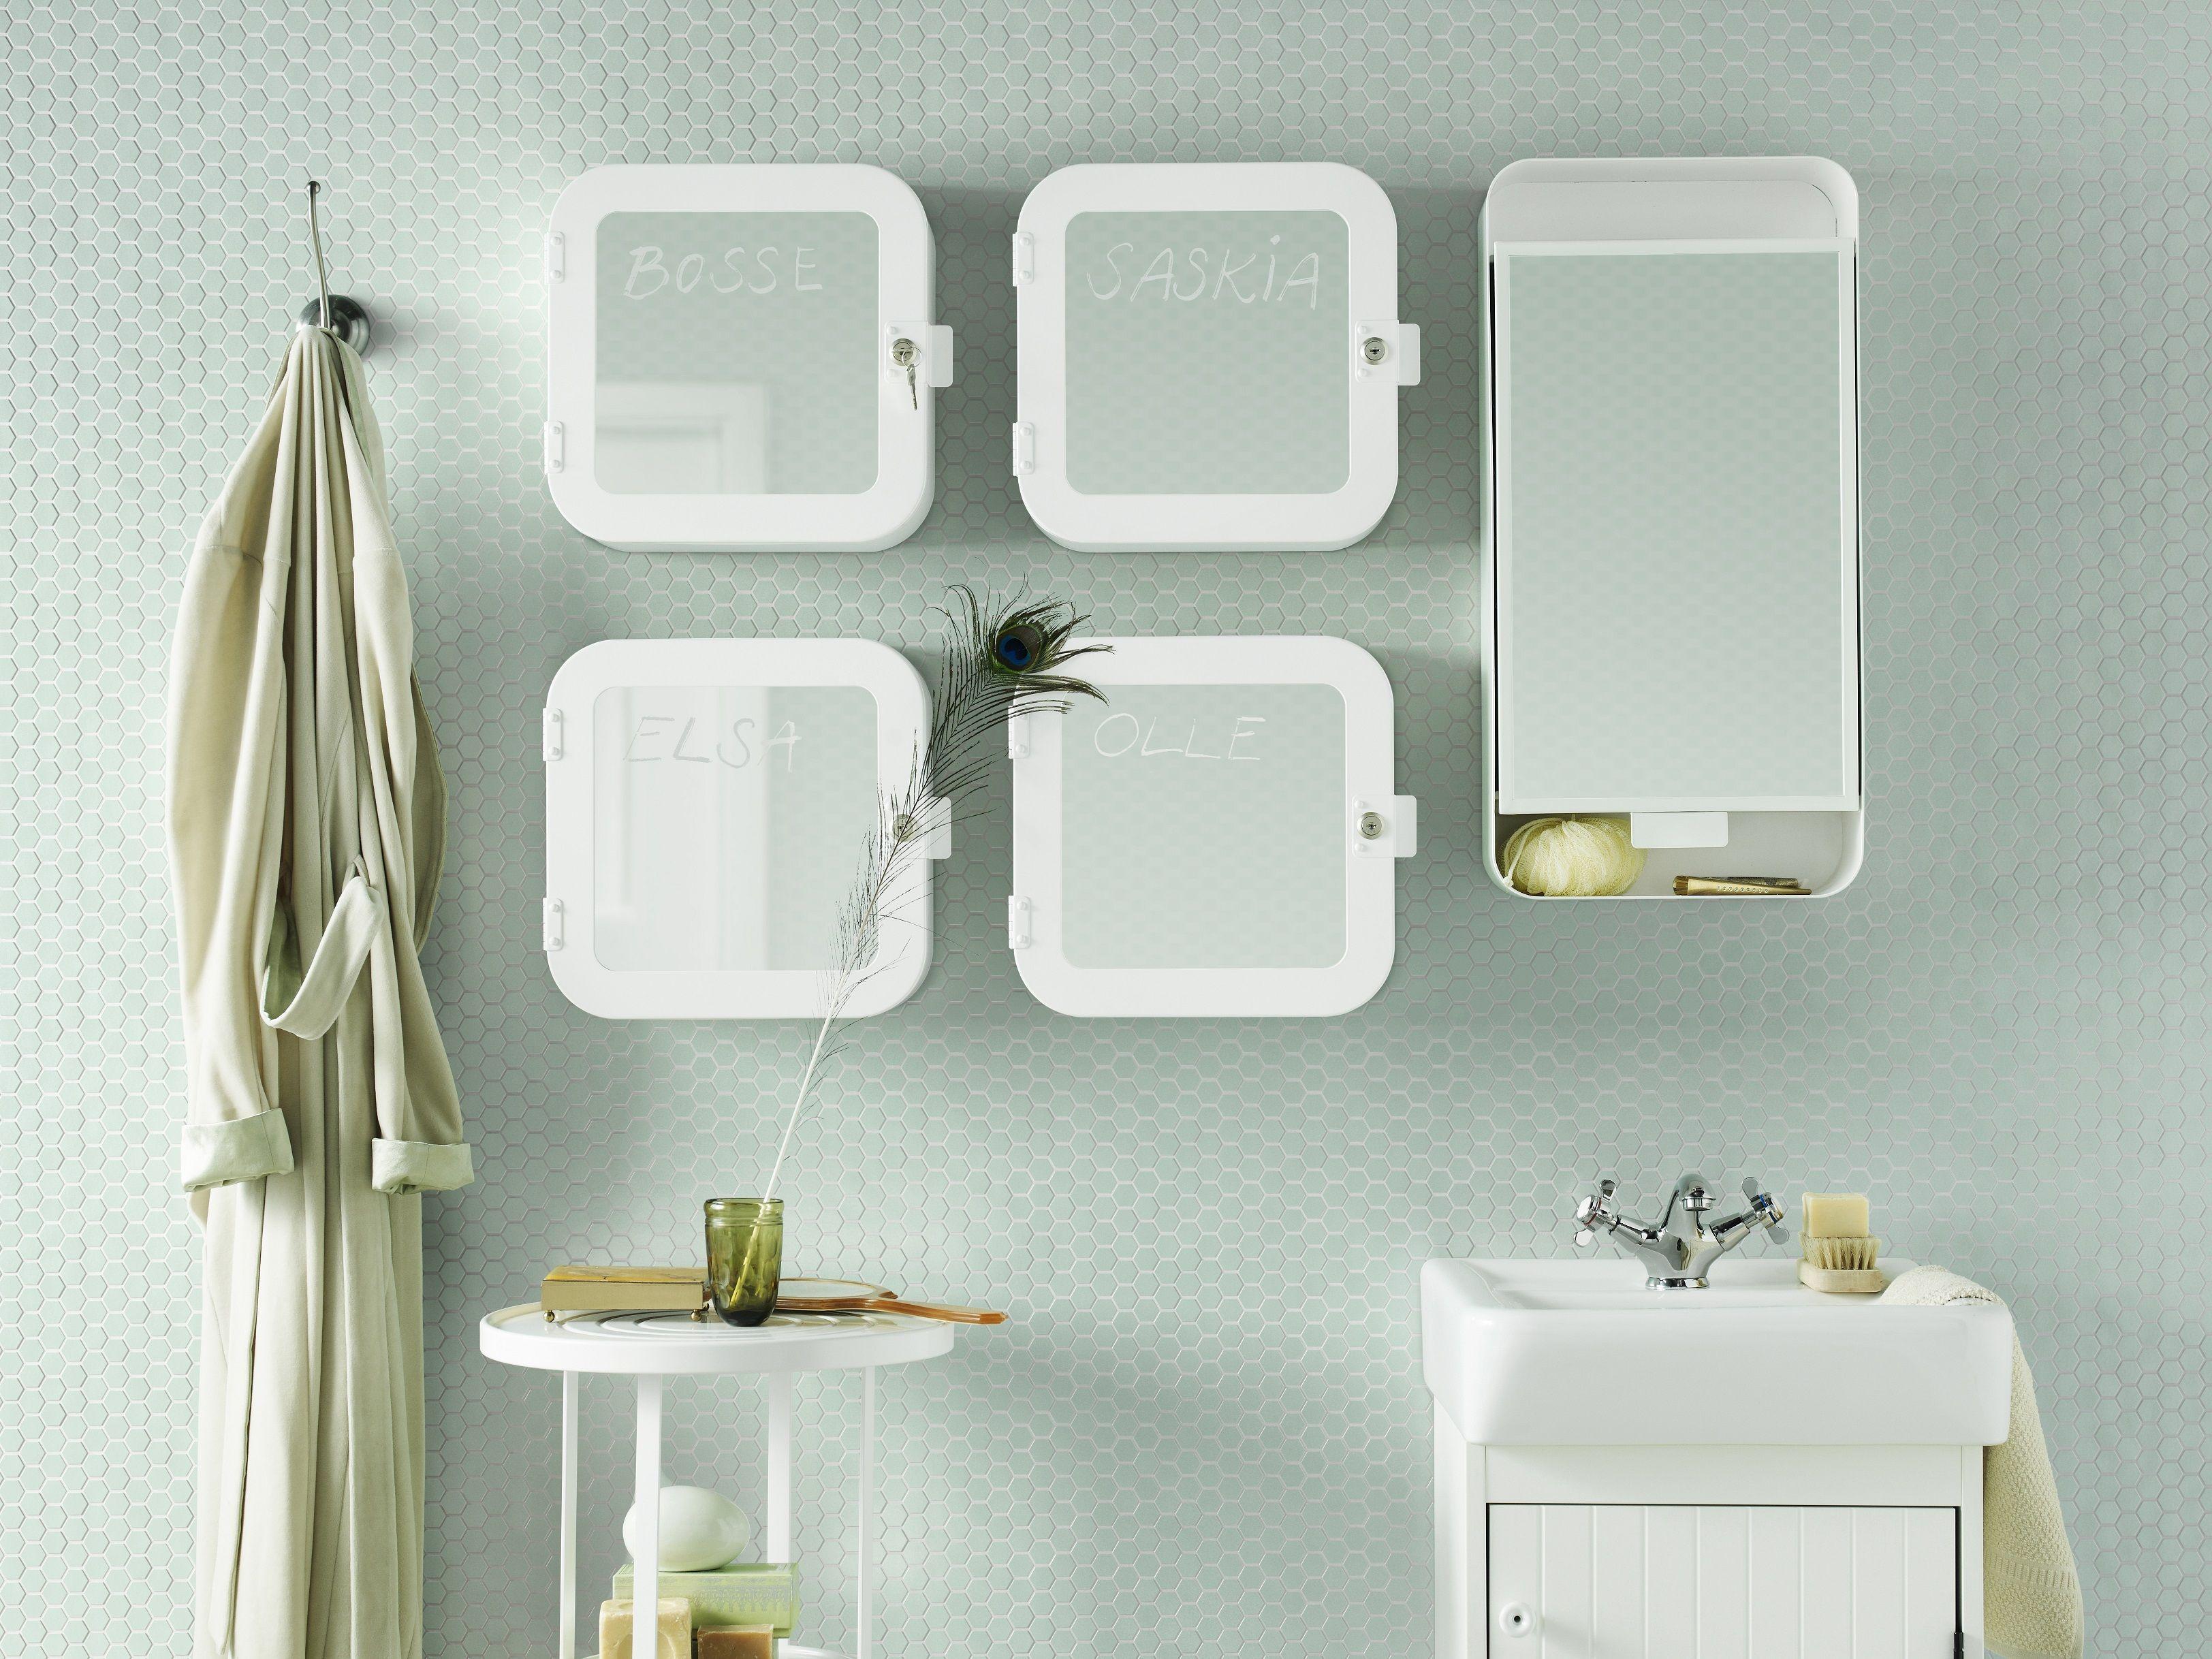 Badkamer Spiegel Kast : Gunnern afsluitbare kast ikea ikeanl inspiratie badkamer